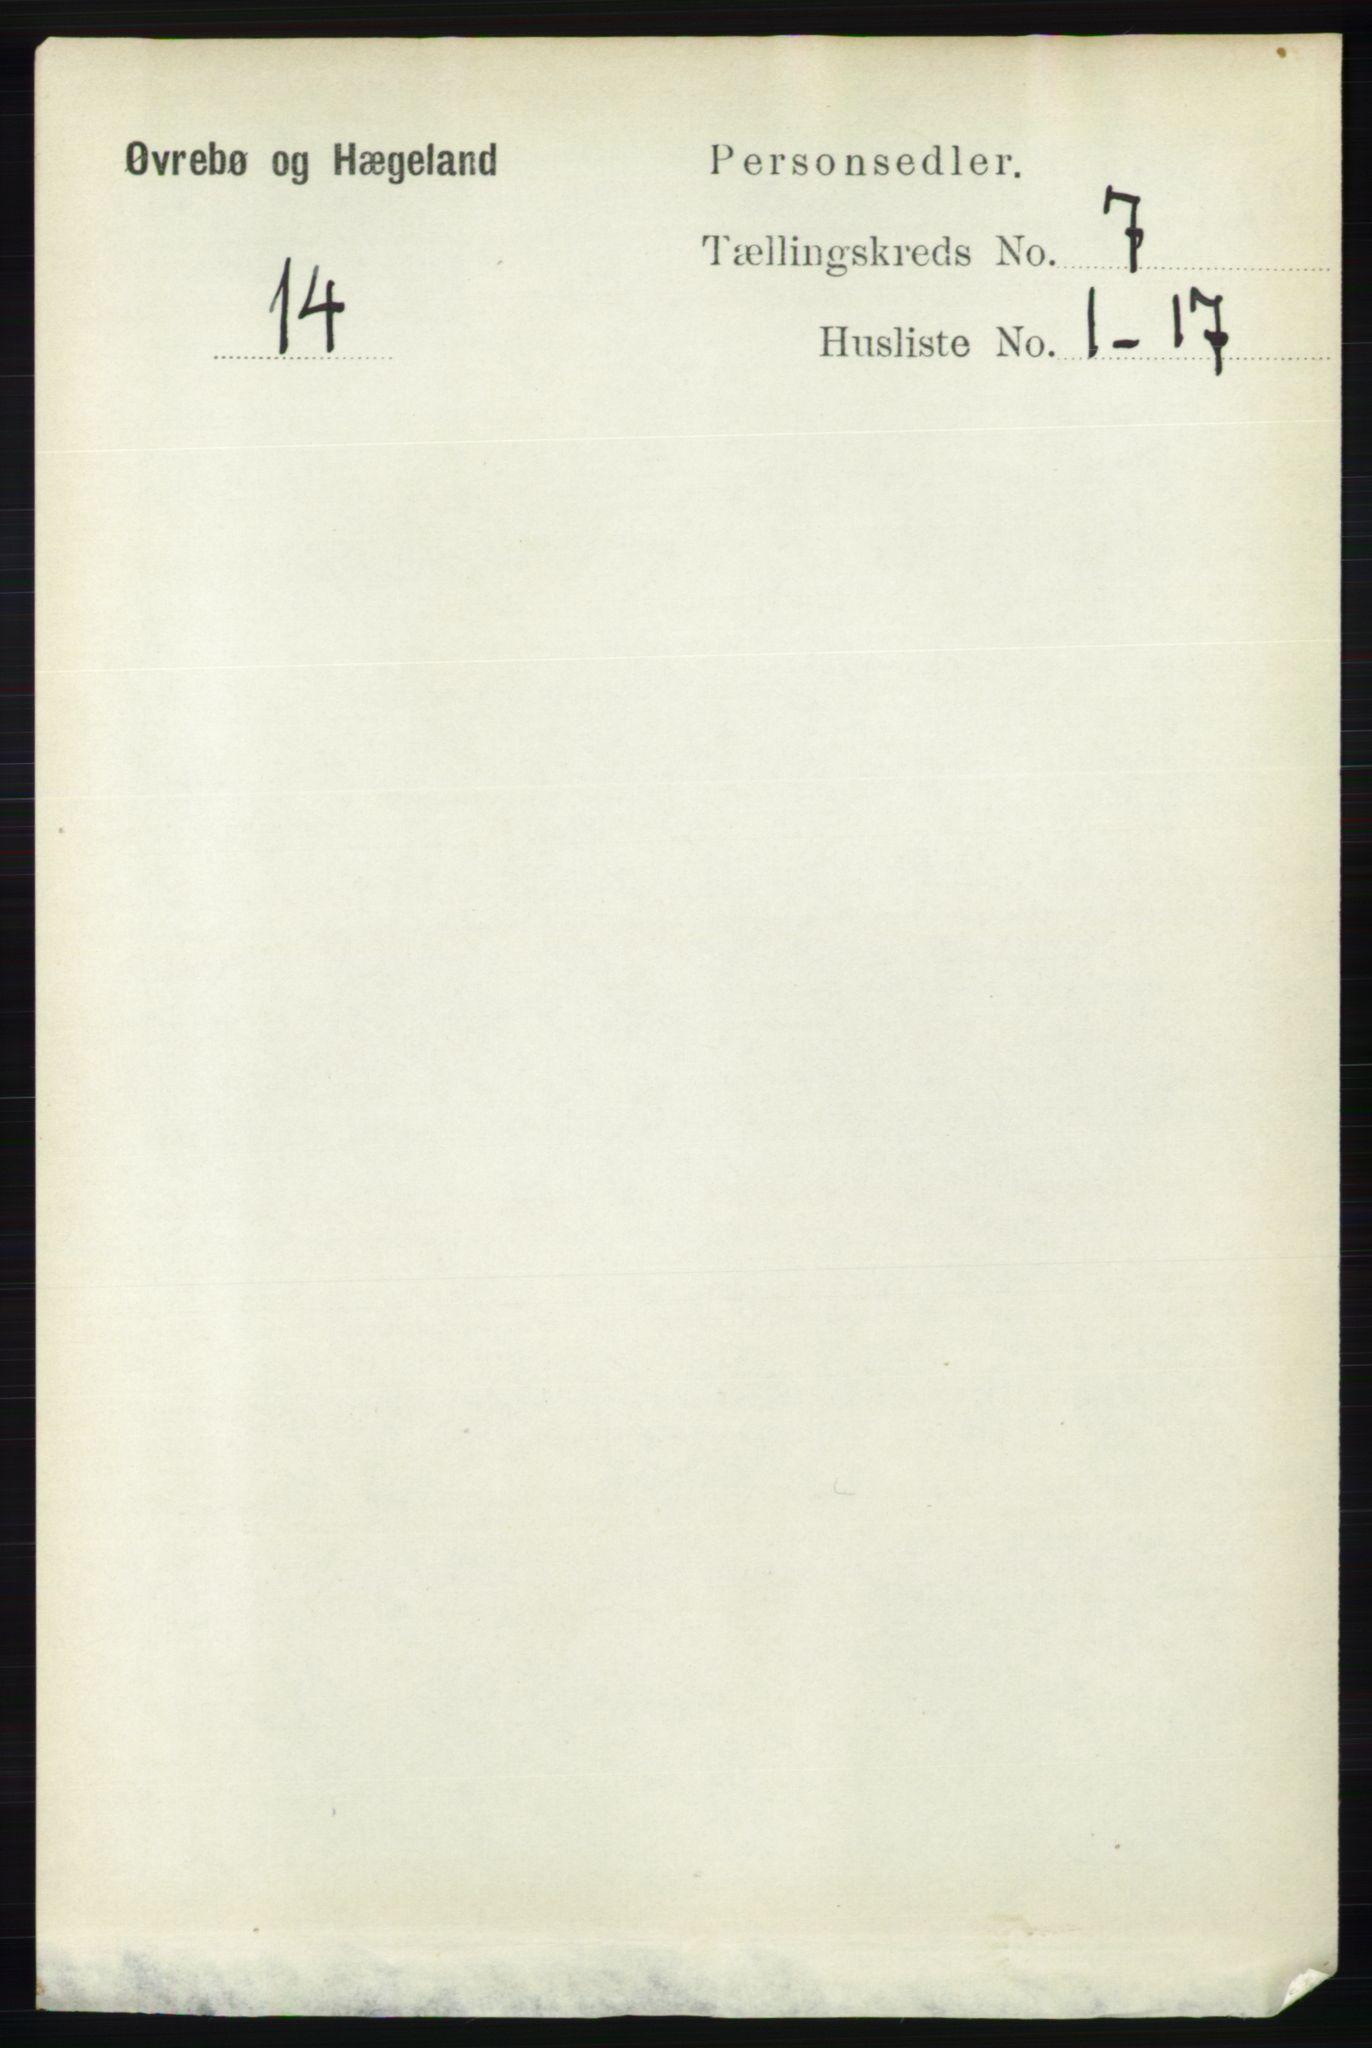 RA, Folketelling 1891 for 1016 Øvrebø og Hægeland herred, 1891, s. 1330